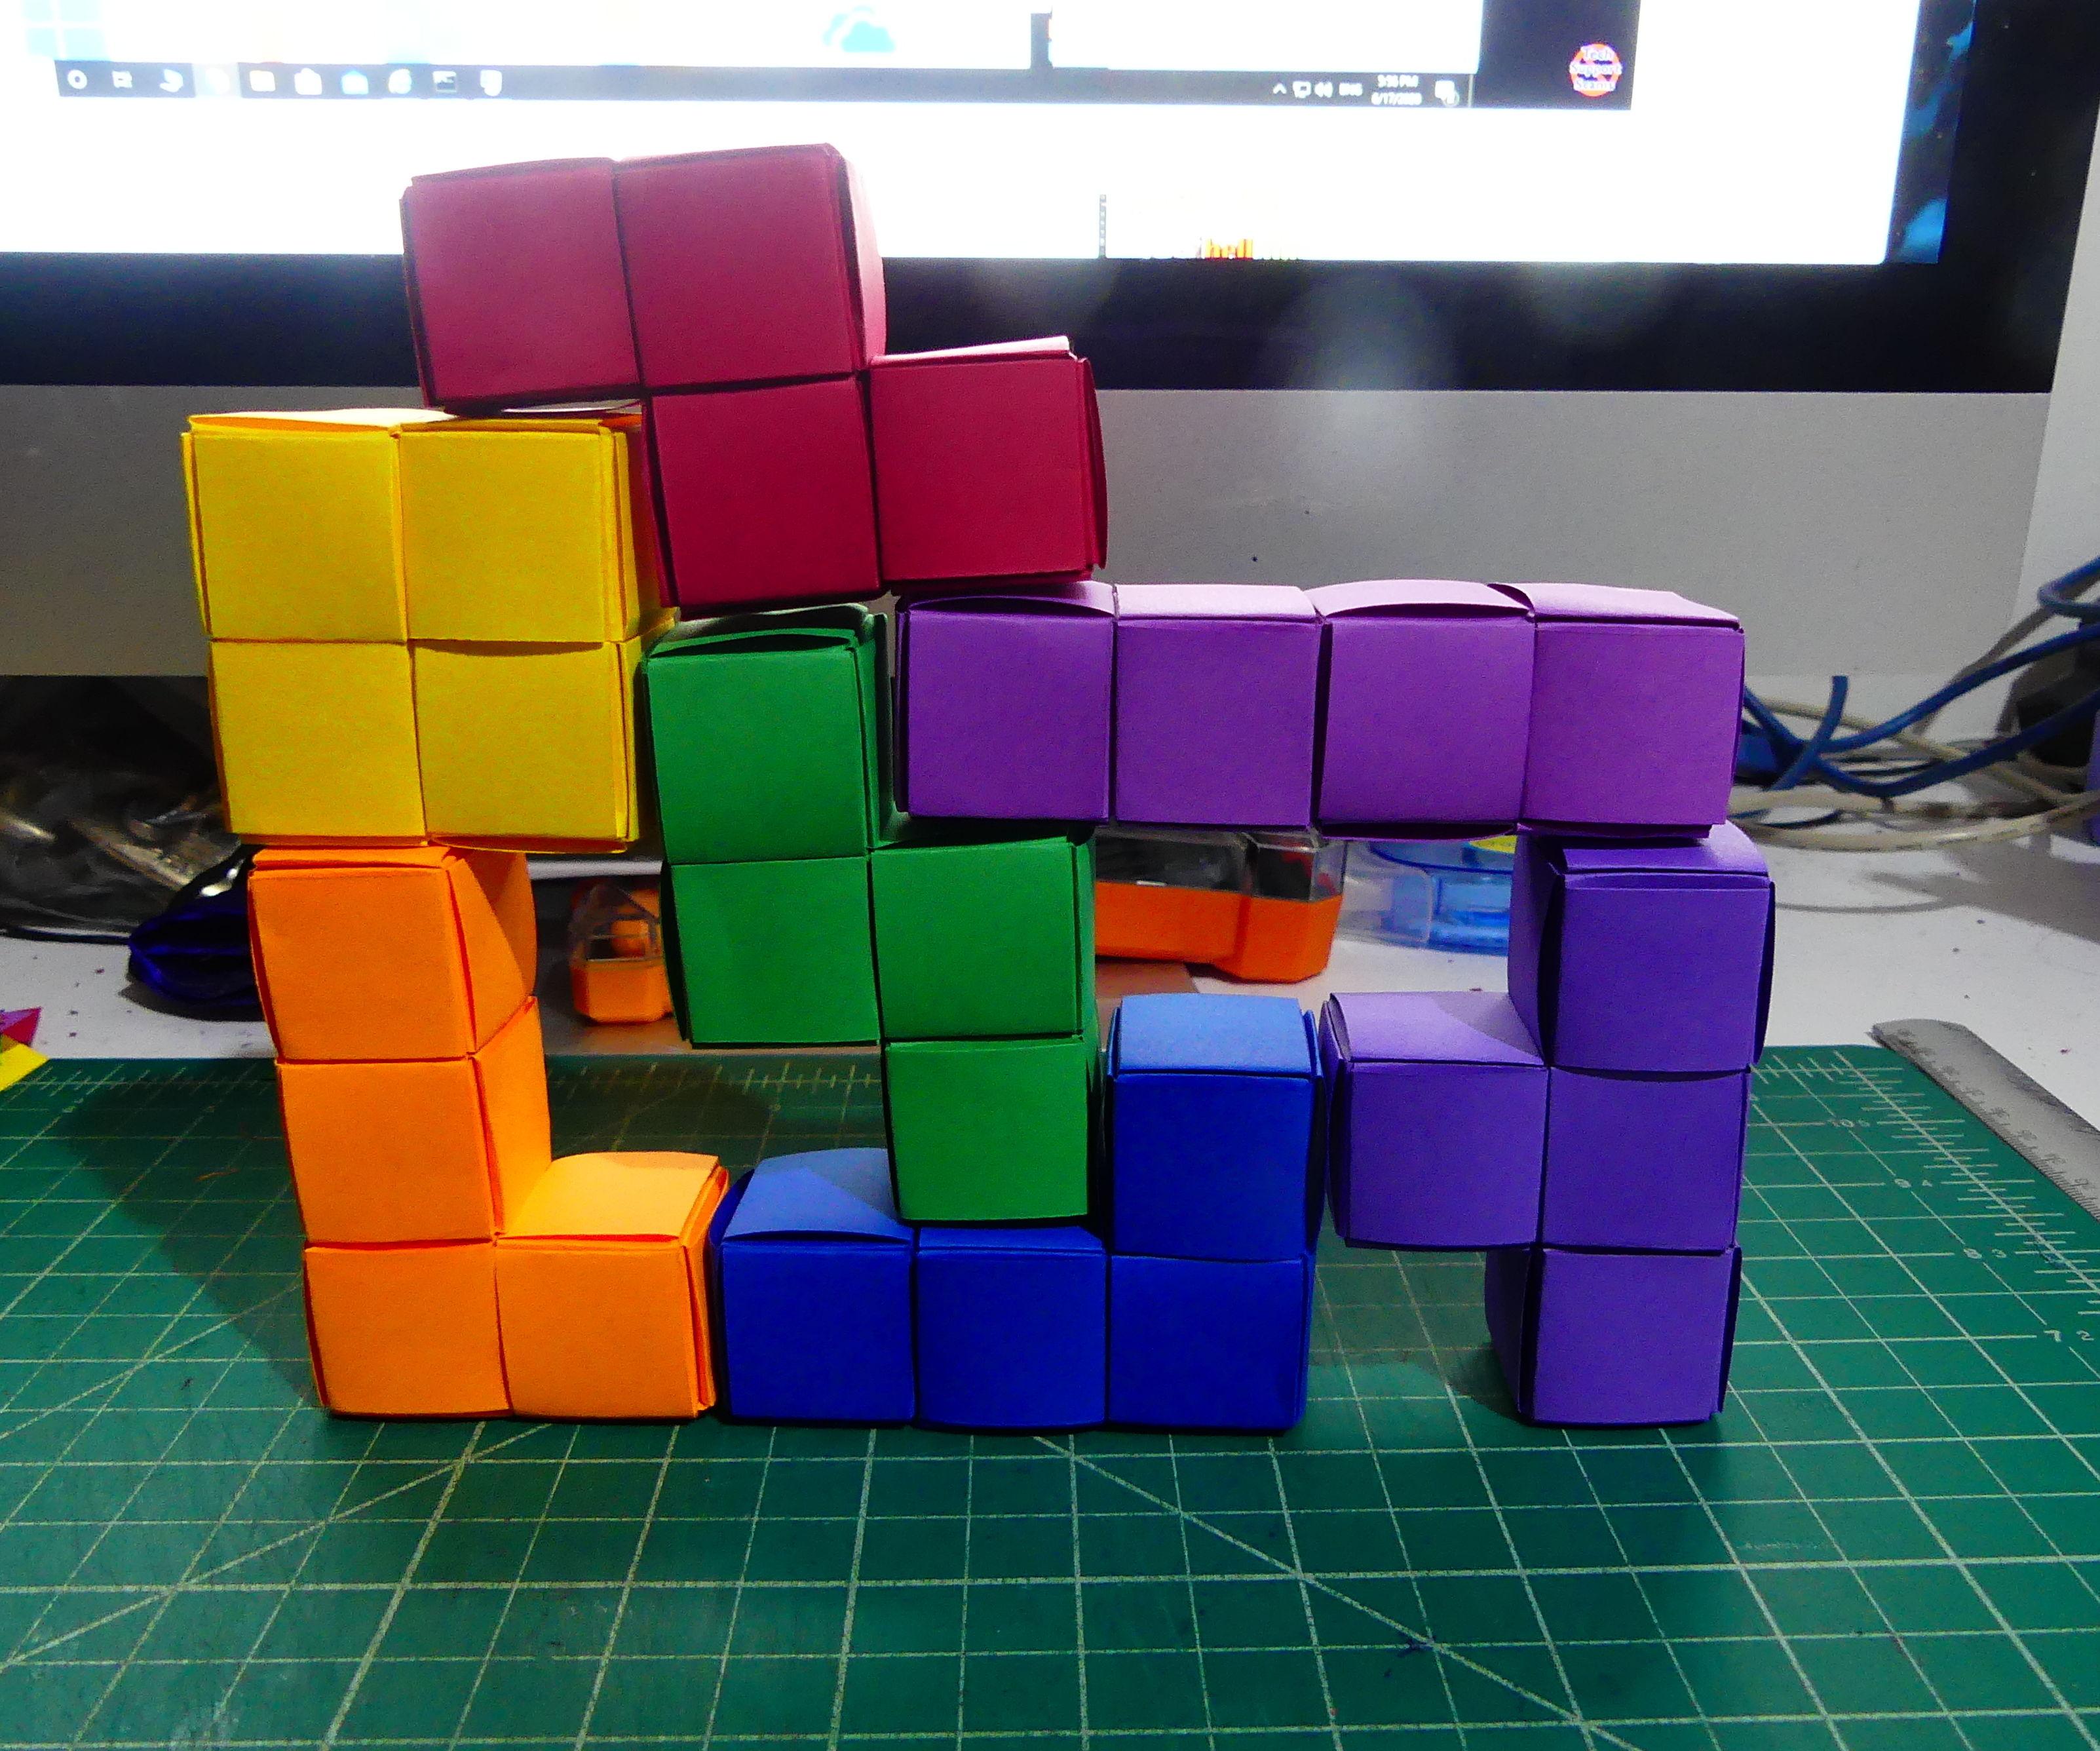 Tetris Sculpture